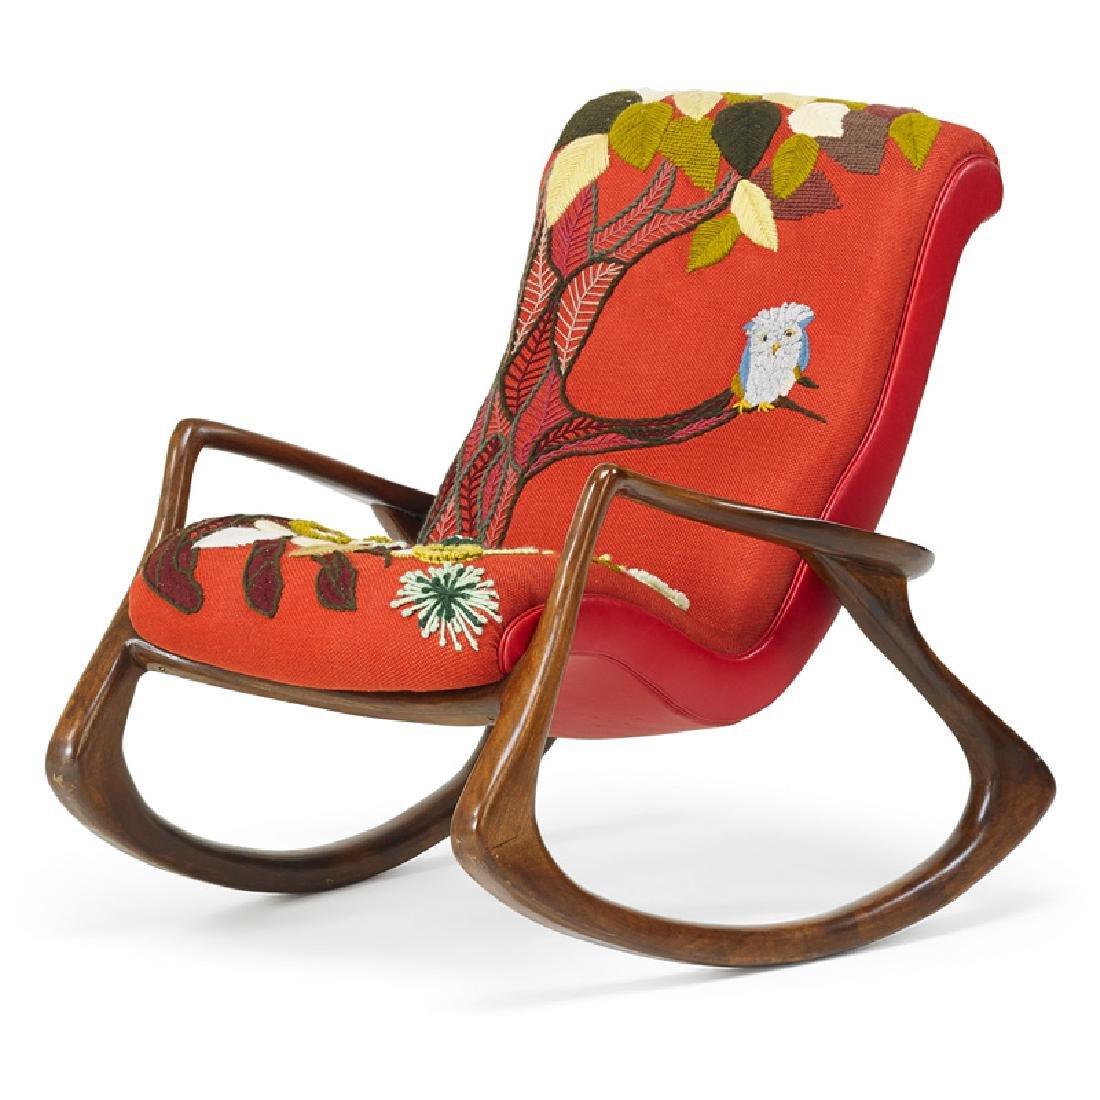 VLADIMIR KAGAN Rocking chair